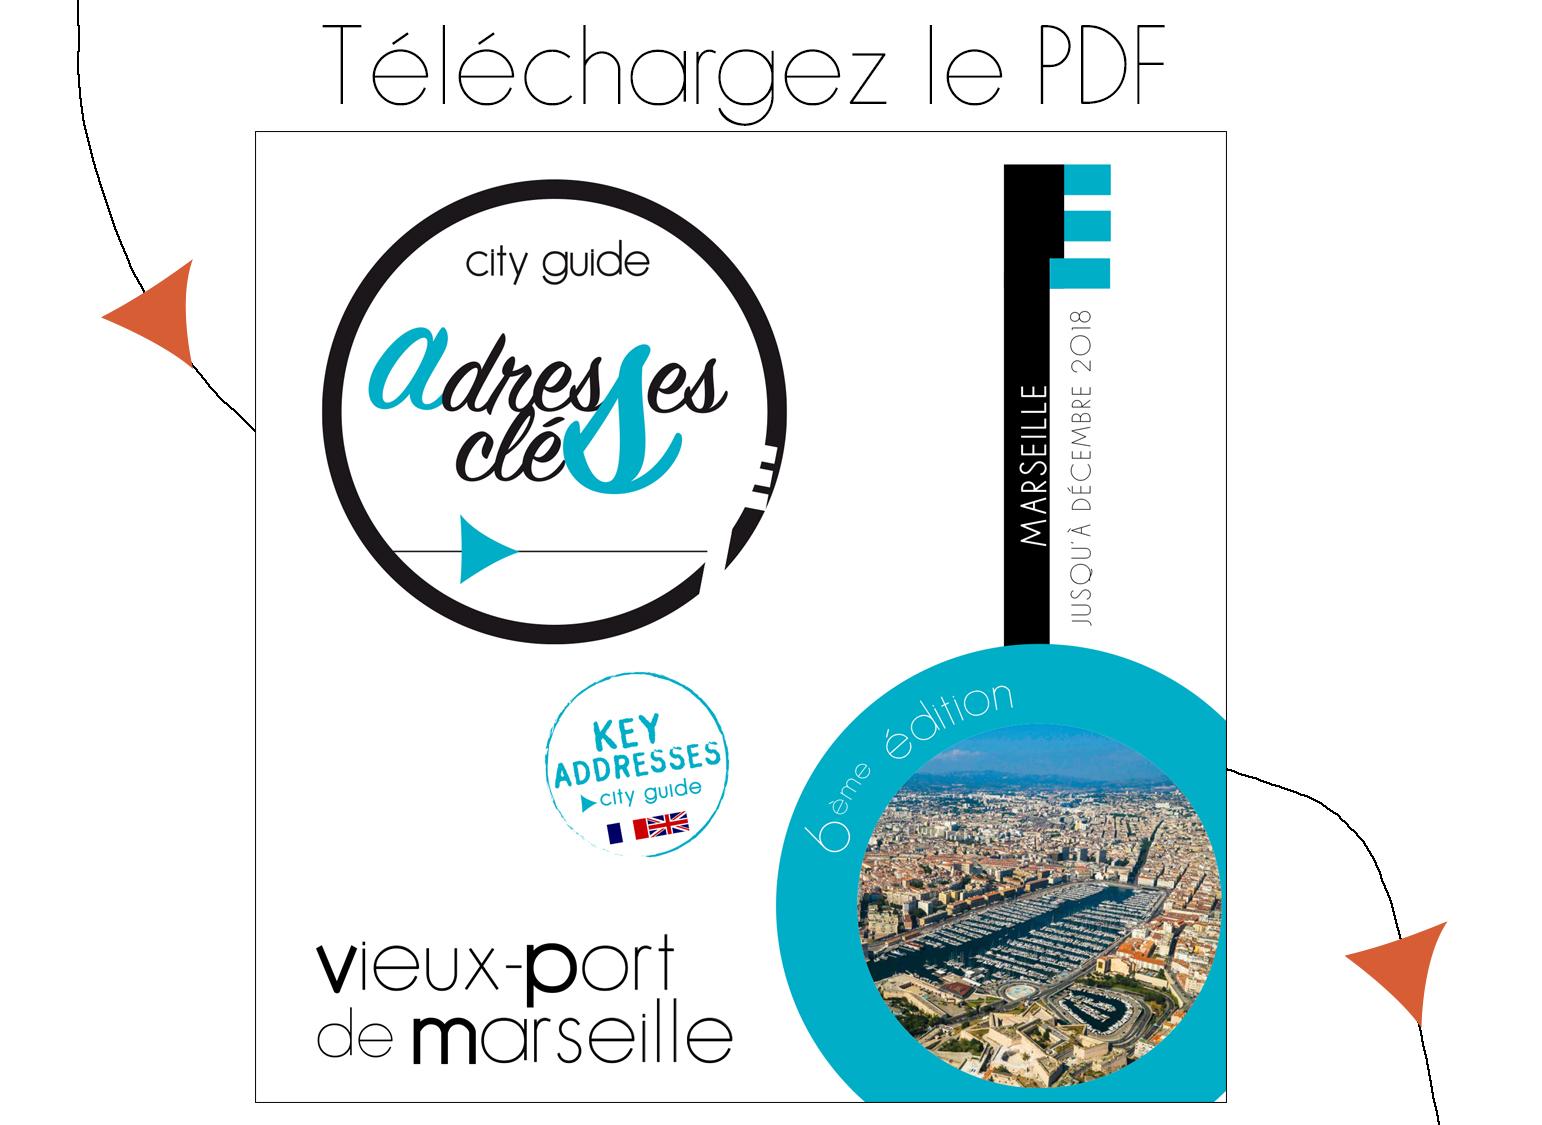 City Guide Adresses Clés du Vieux Port de Marseille